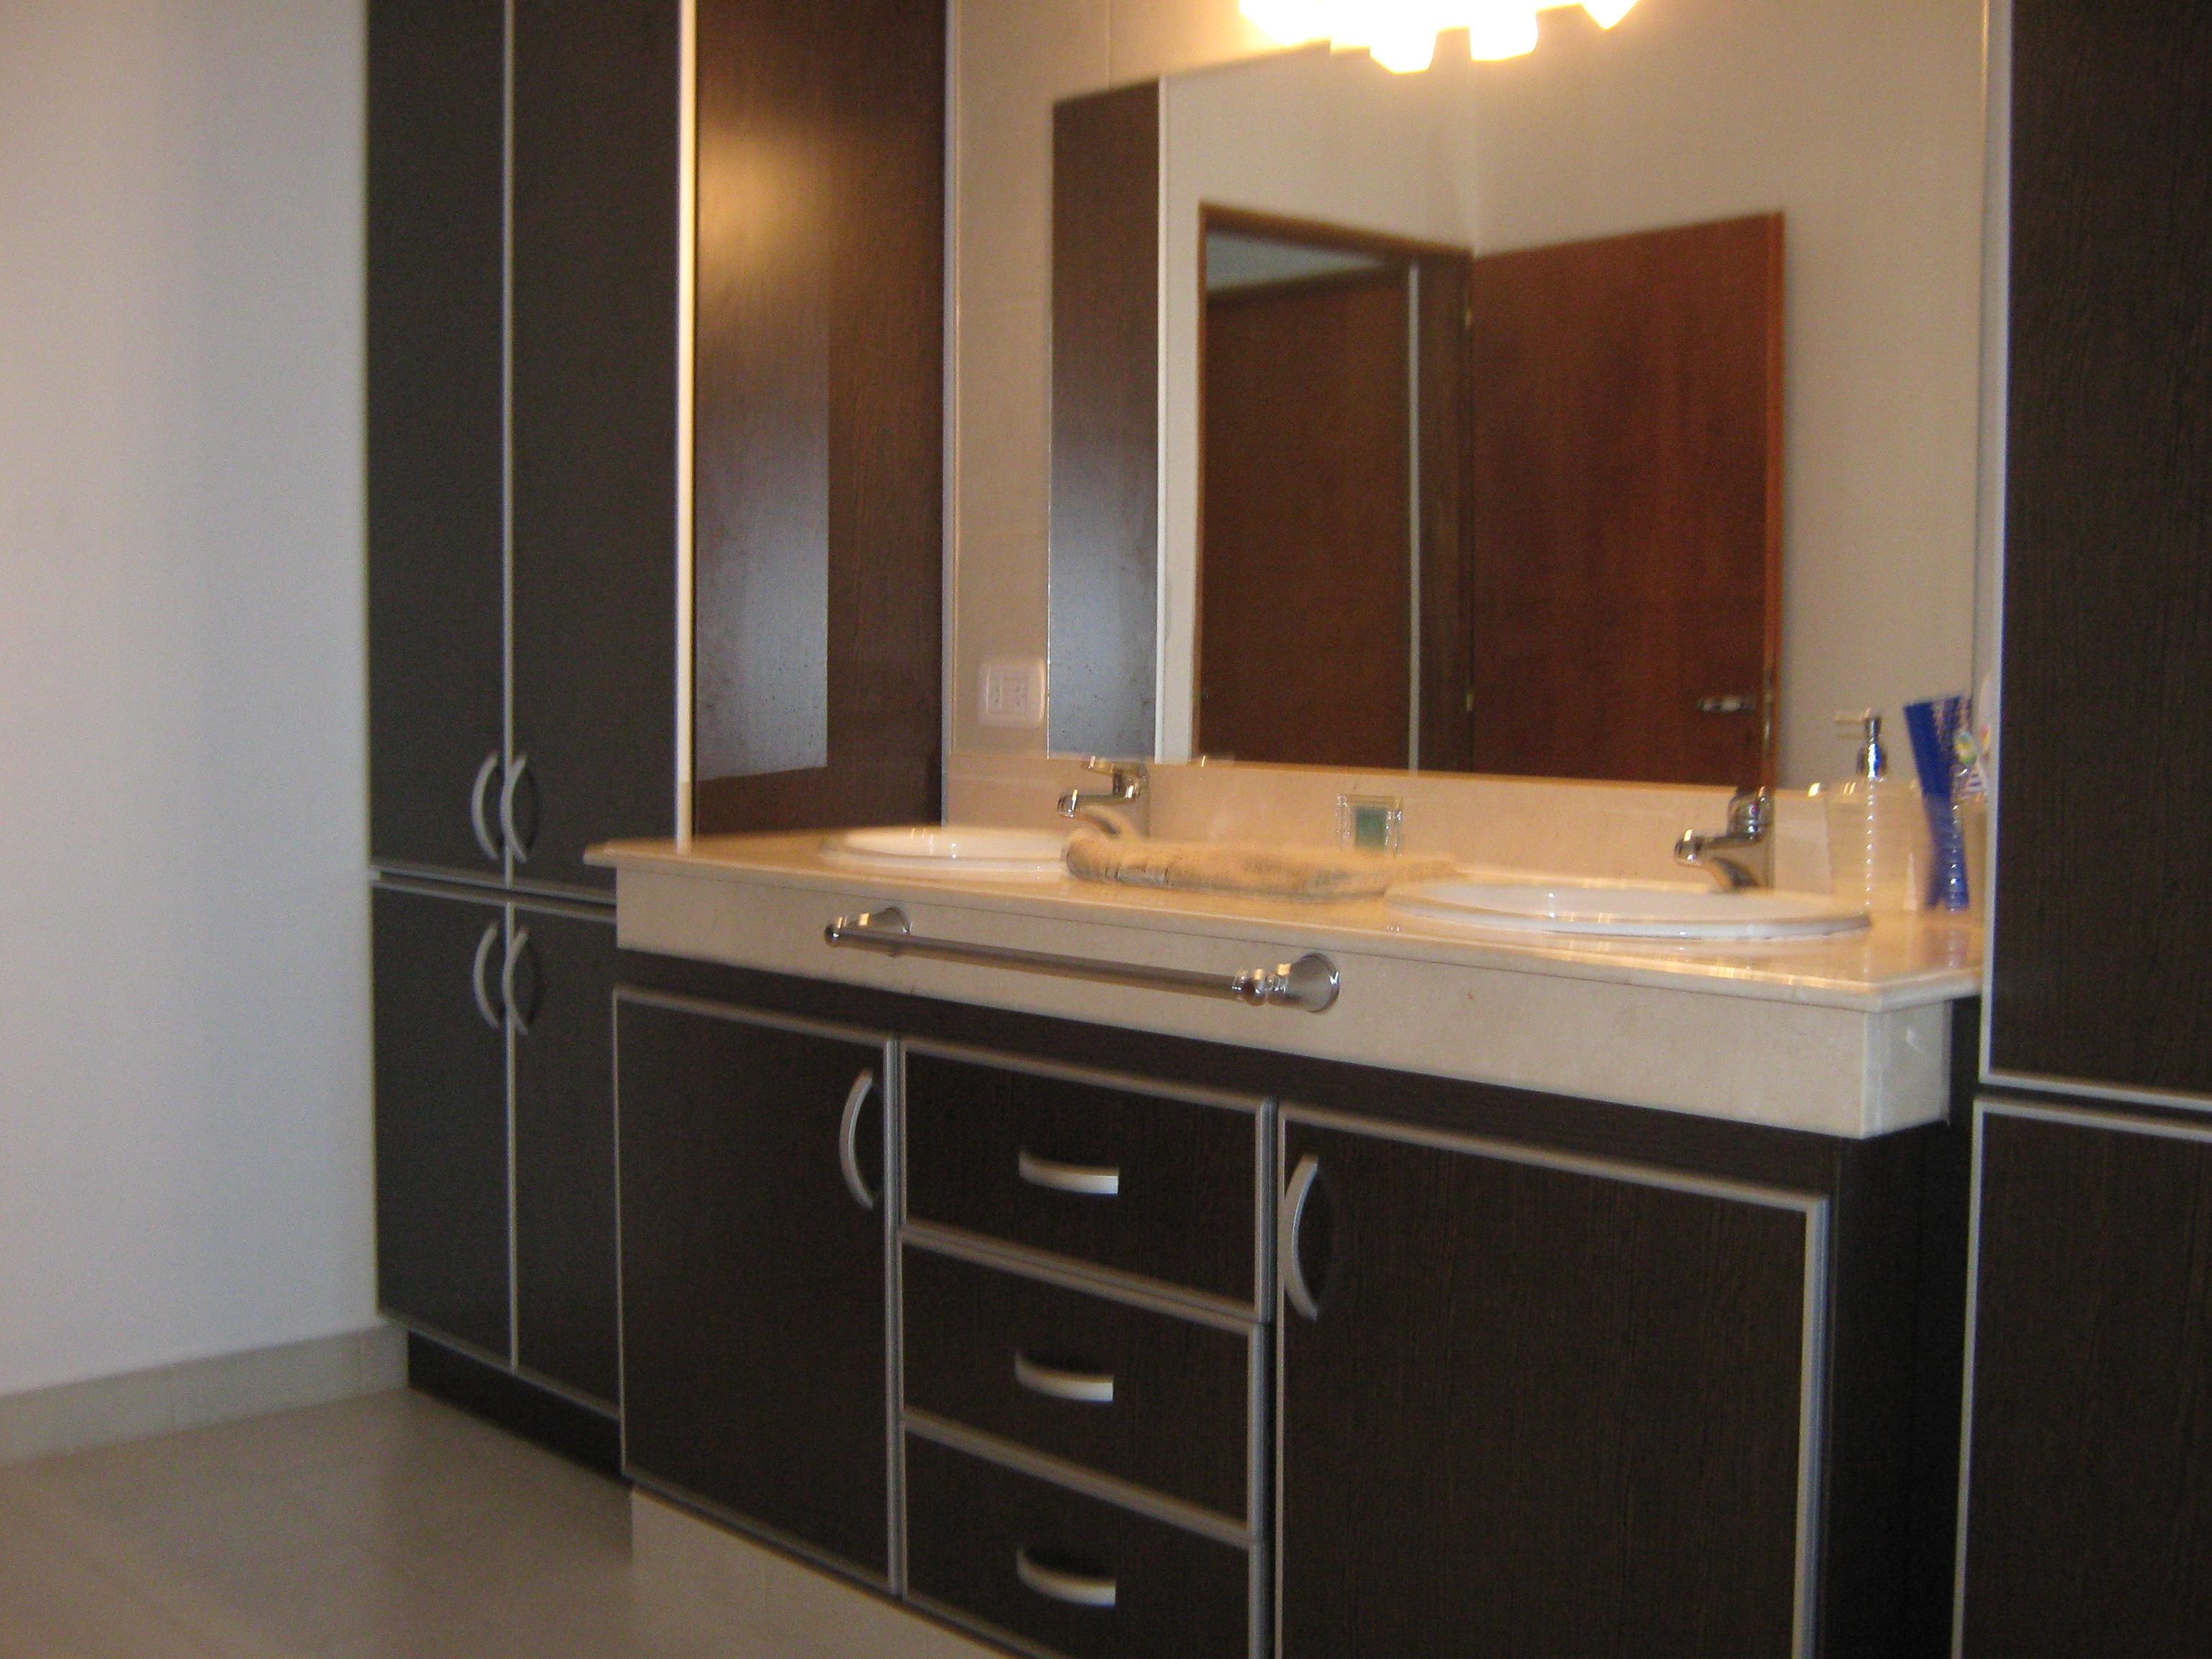 Mueble para ba o 9 alumil - Fotos de muebles para banos ...